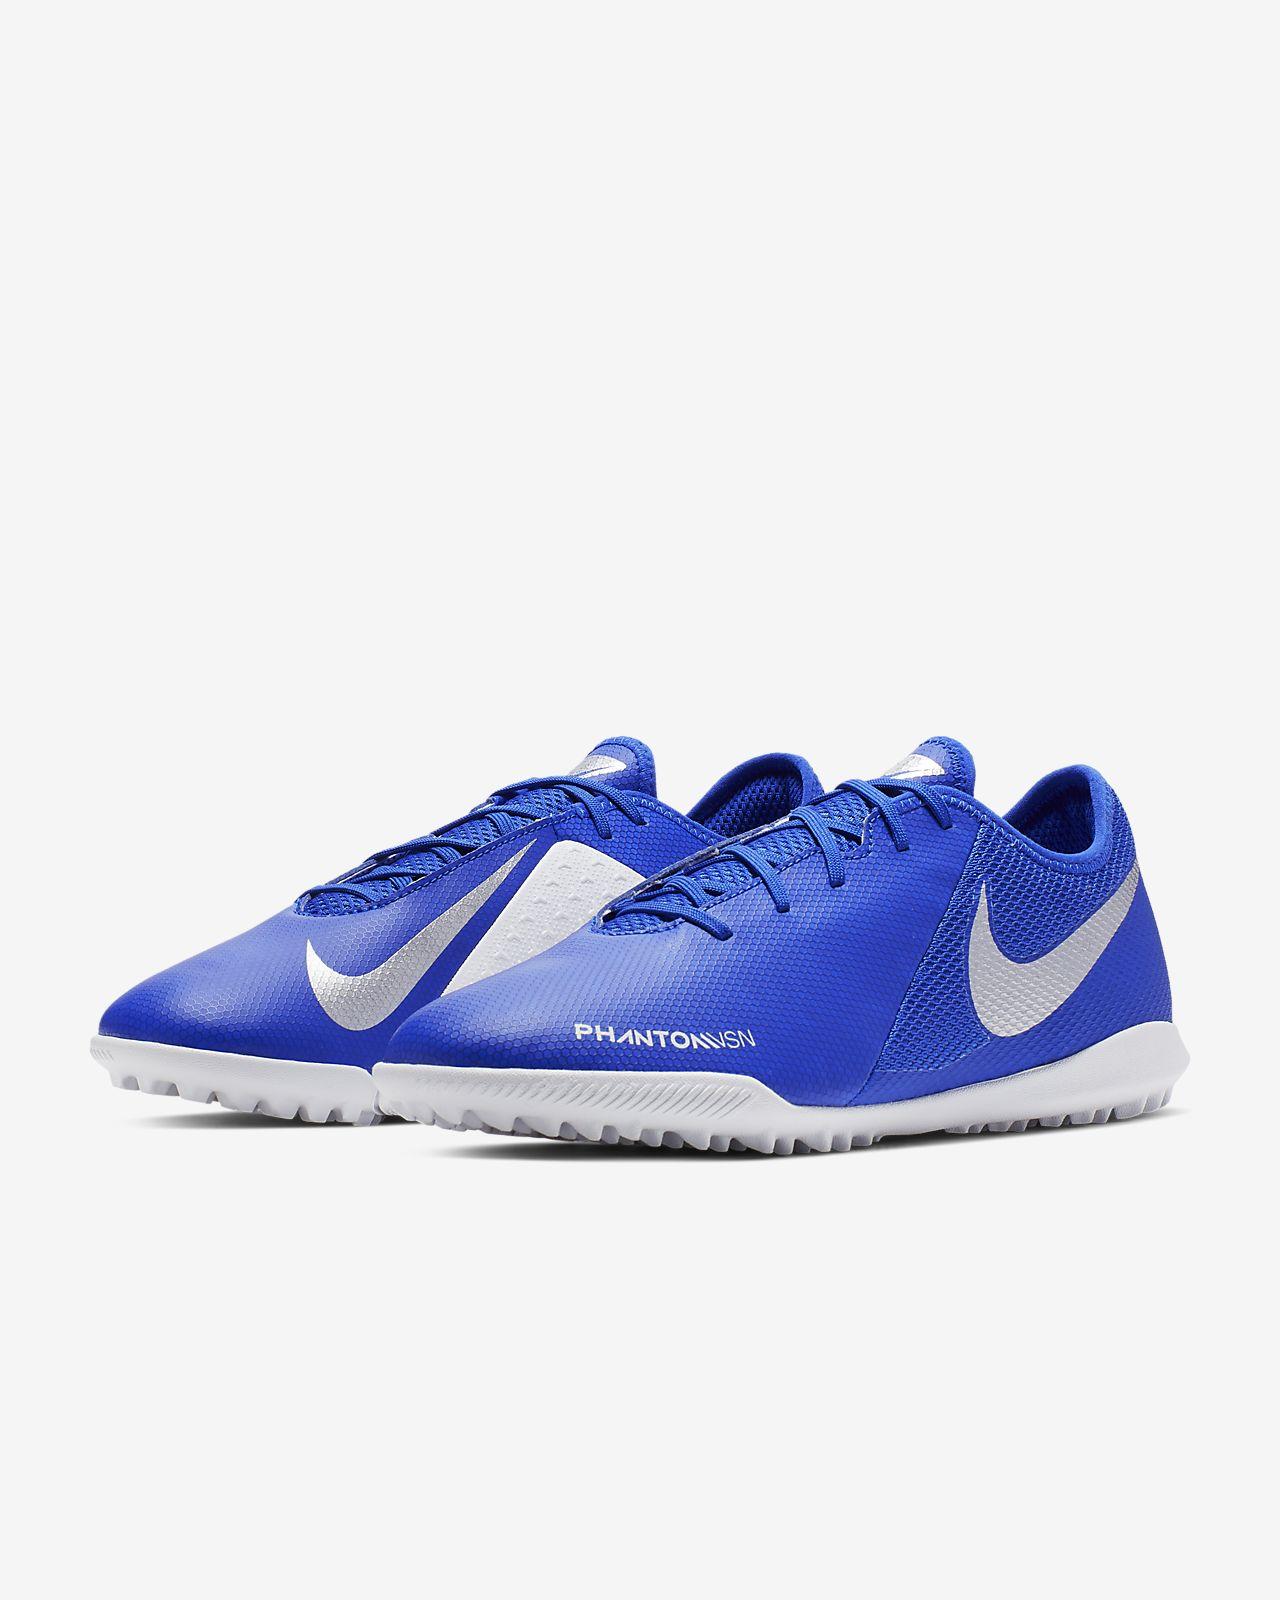 5467ac870a ... Chuteiras de futebol para relva artificial Nike Phantom Vision Academy